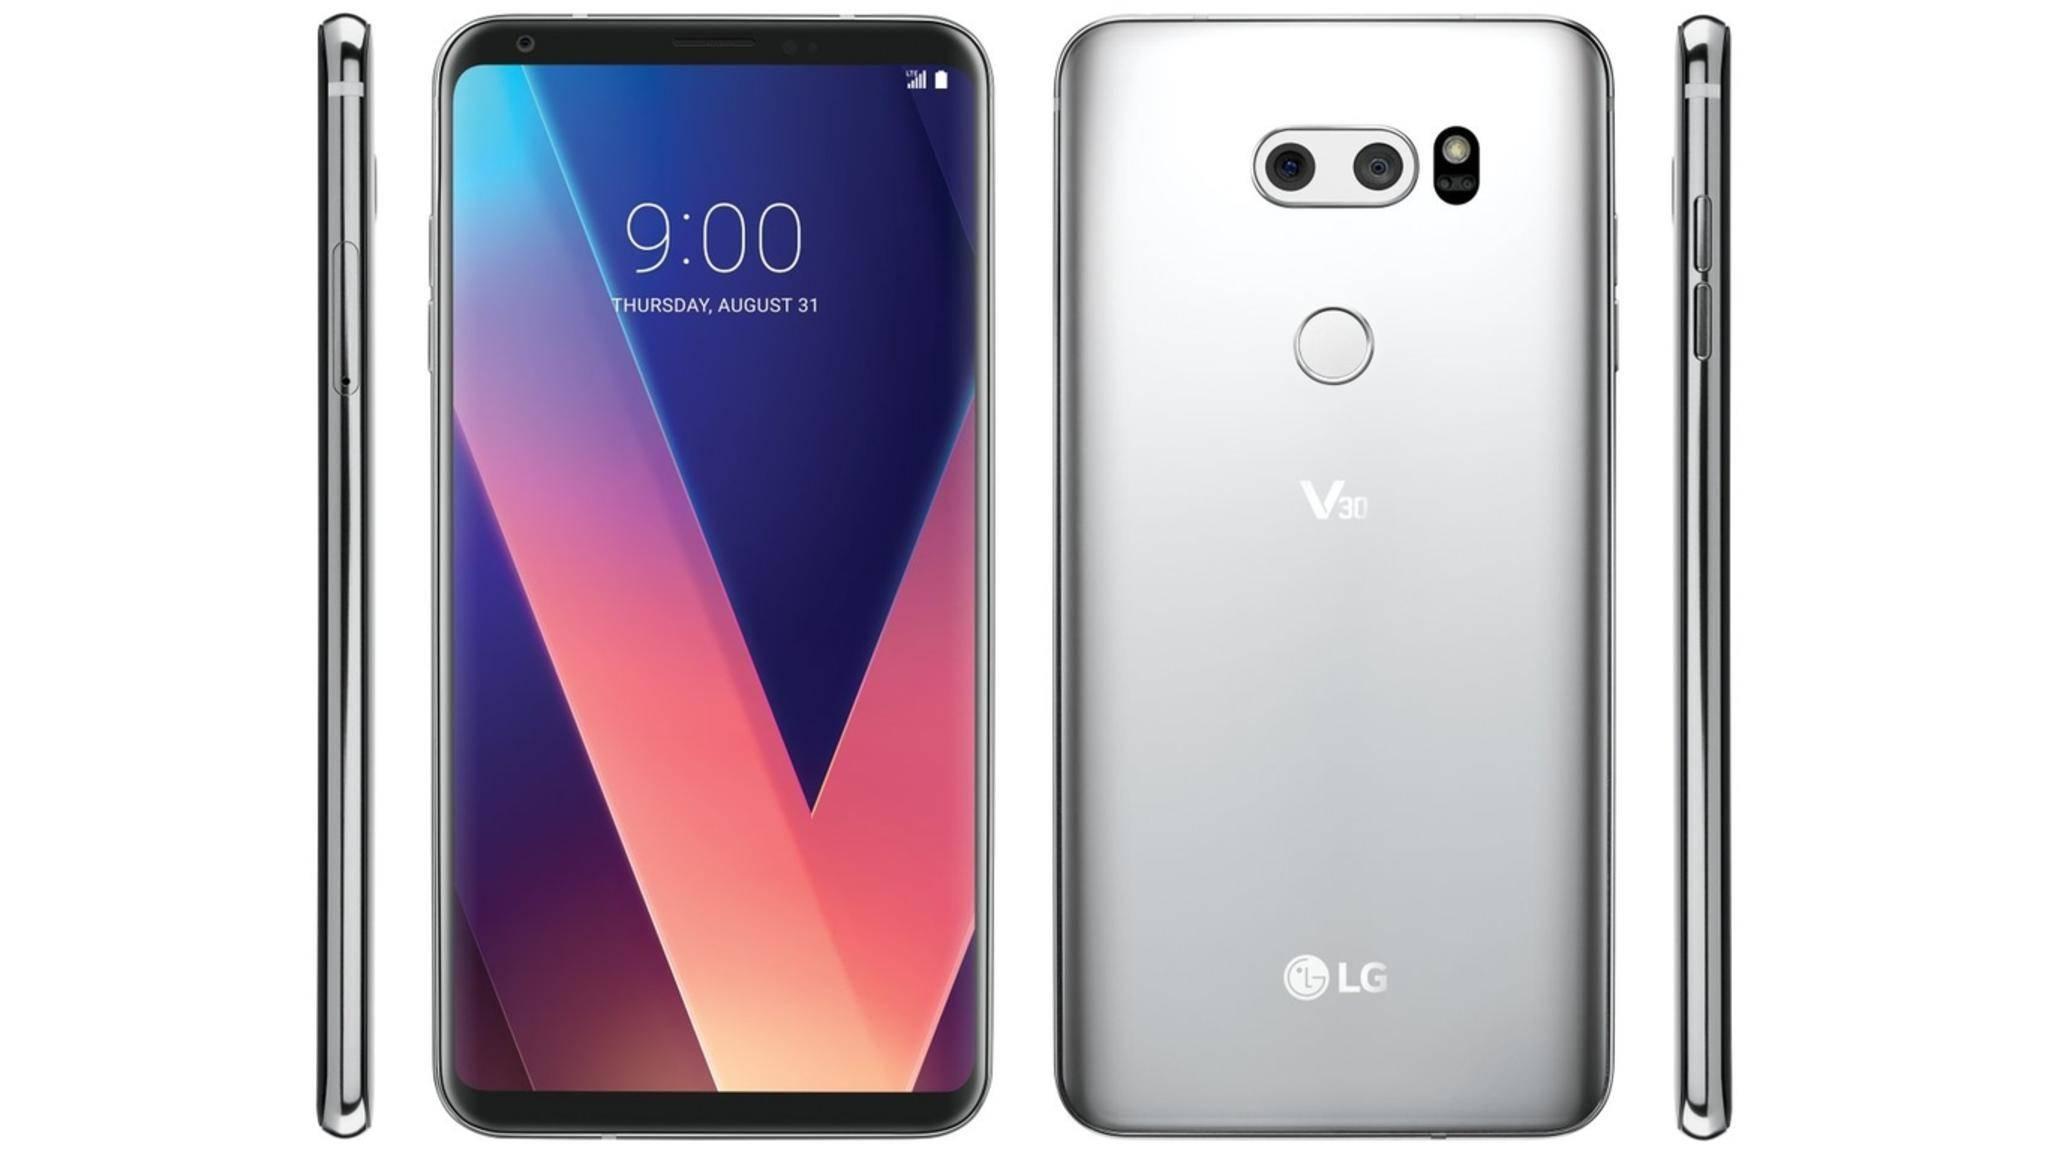 Das LG V30 bekommt offenbar einen Bruder namens LG V30 Plus.